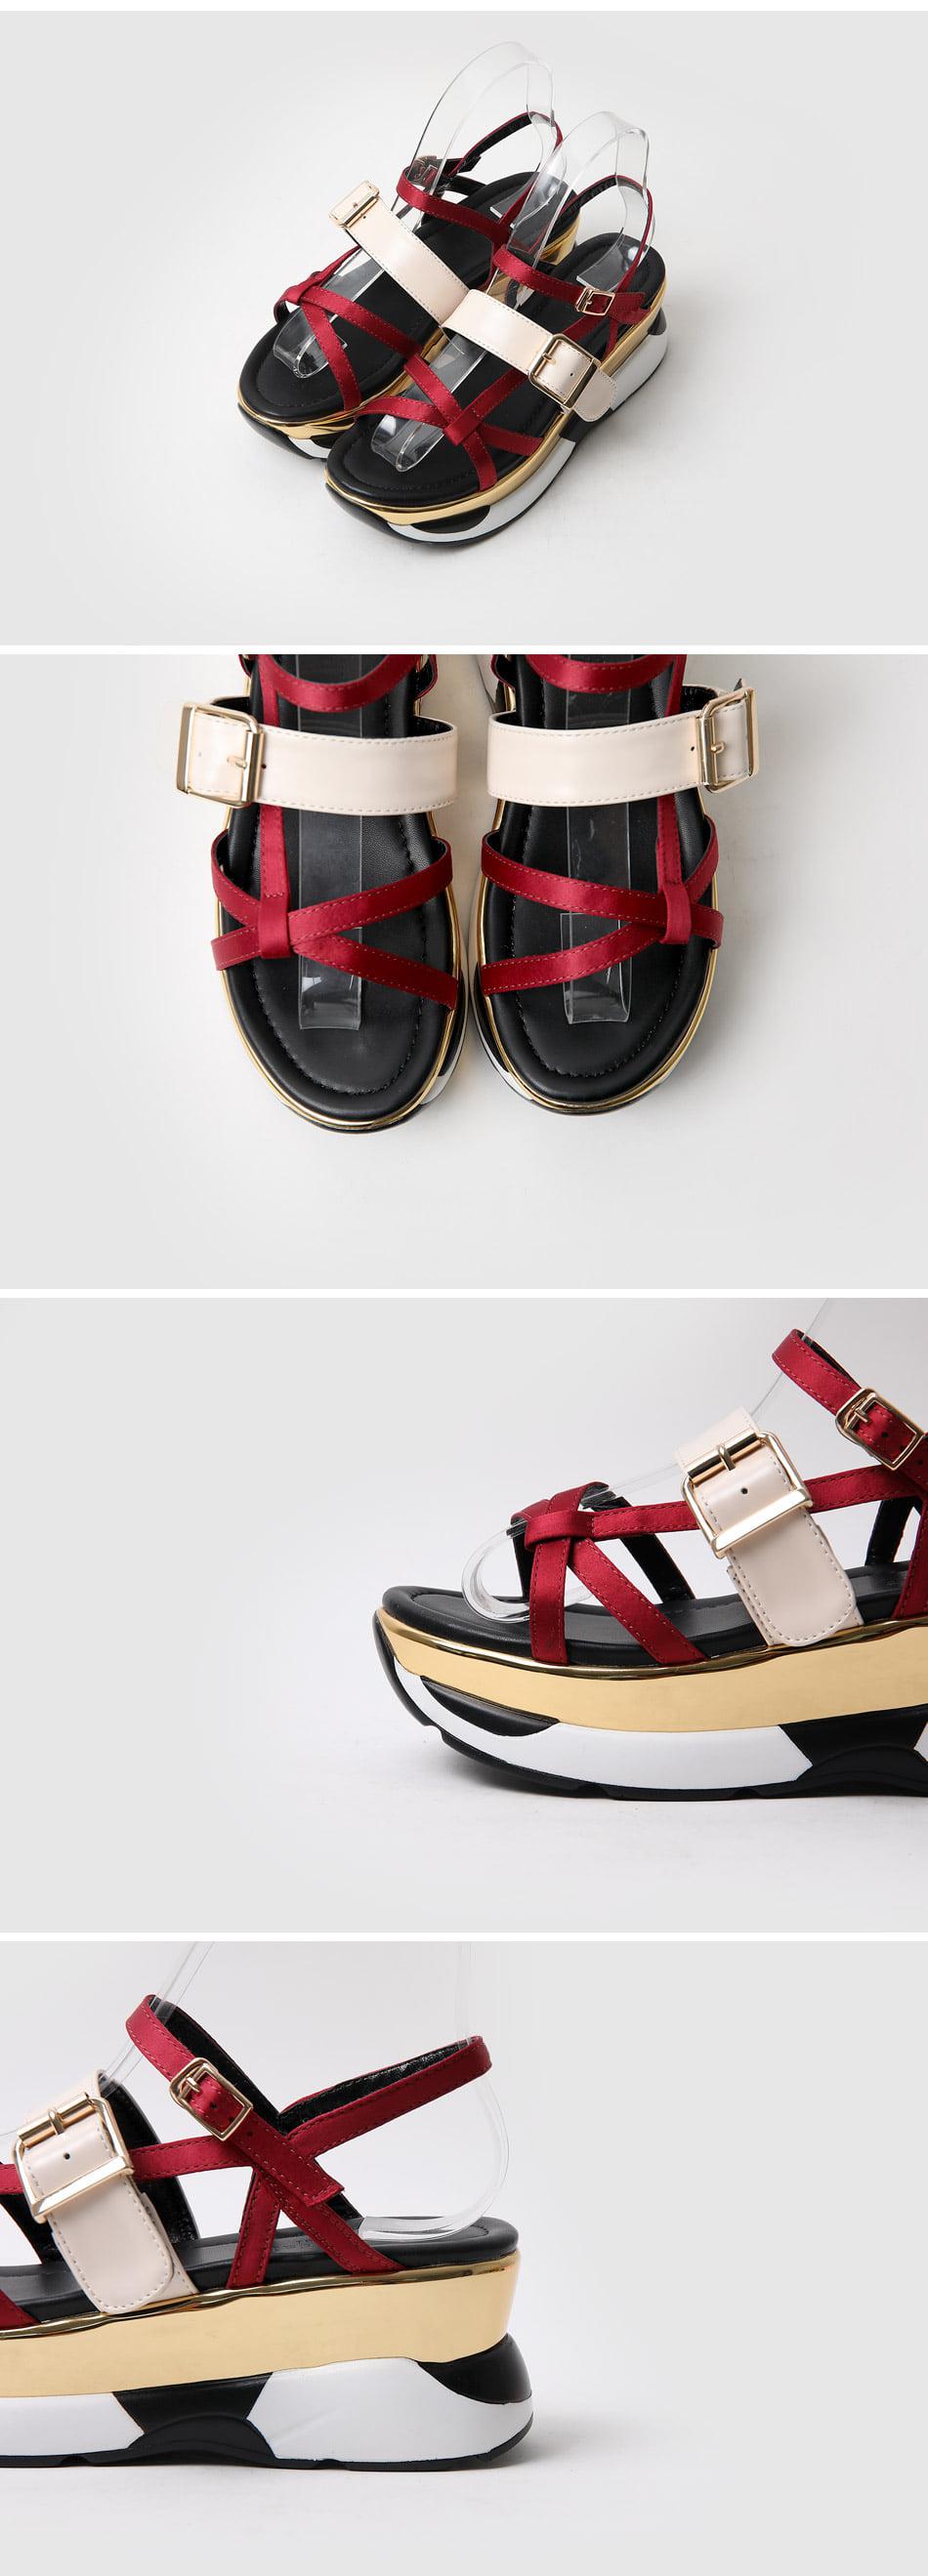 Secret Tongue Strap Sandals 6cm